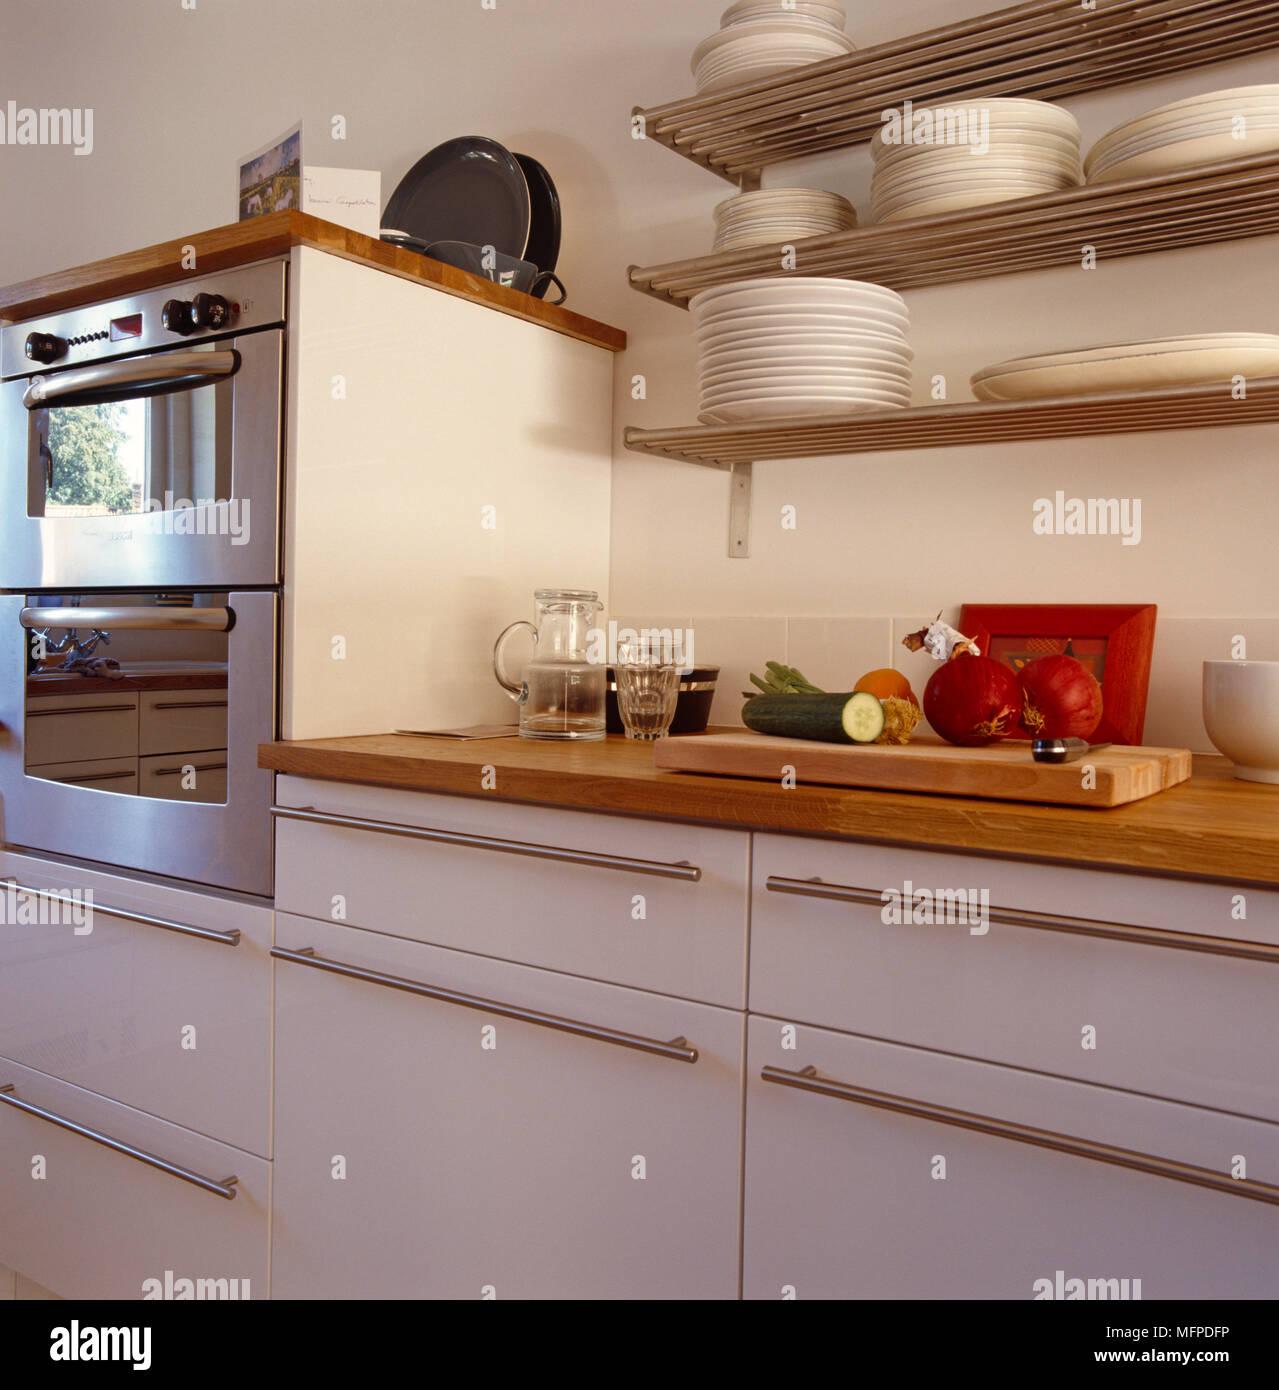 Küche mit Holz- und Edelstahl Schränke und Geräte und Platten auf ...